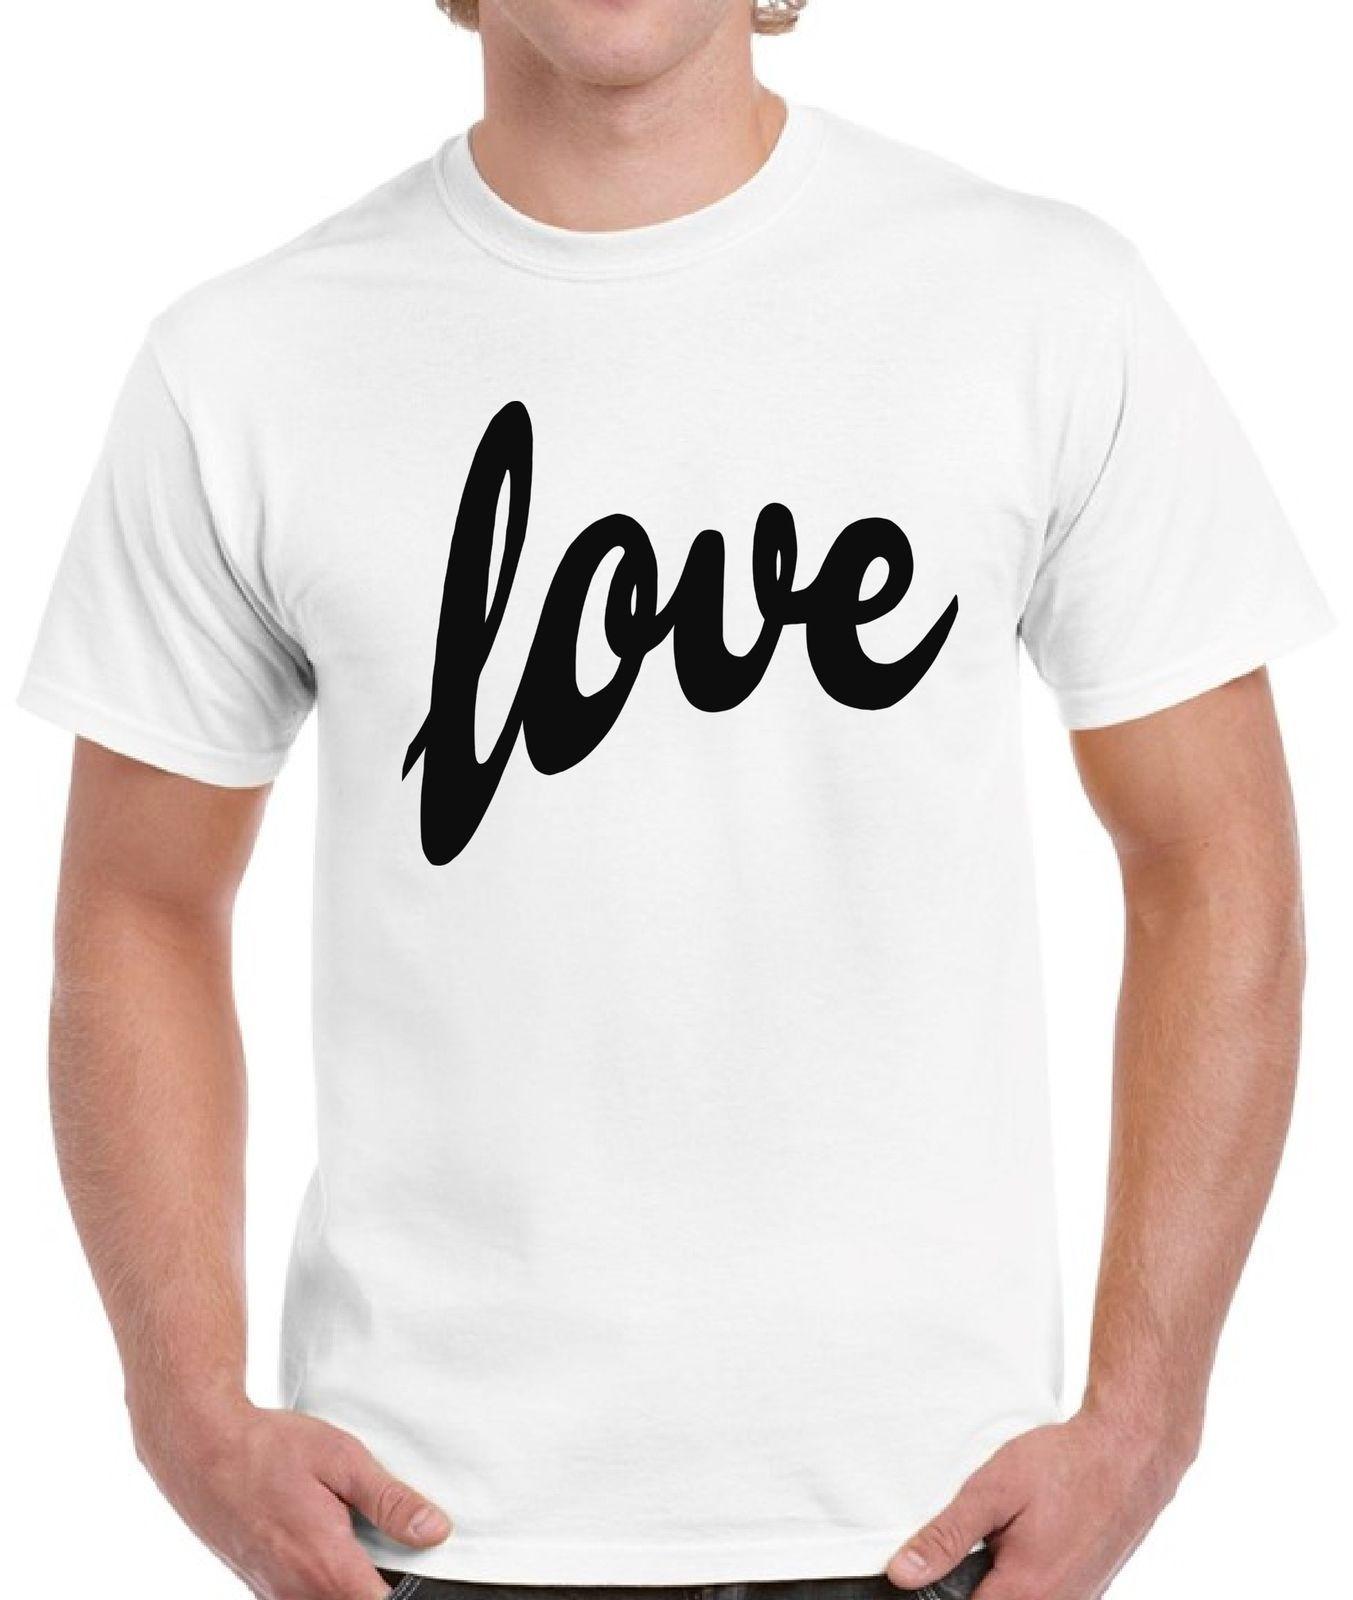 Compre Camiseta De Amor Estilo Día Del Día De San Valentín De Los Hombres  Camiseta Estilo Camisetas Camisetas Personalizadas Jersey Camiseta Con  Capucha Hip ... 48ca3f447810d